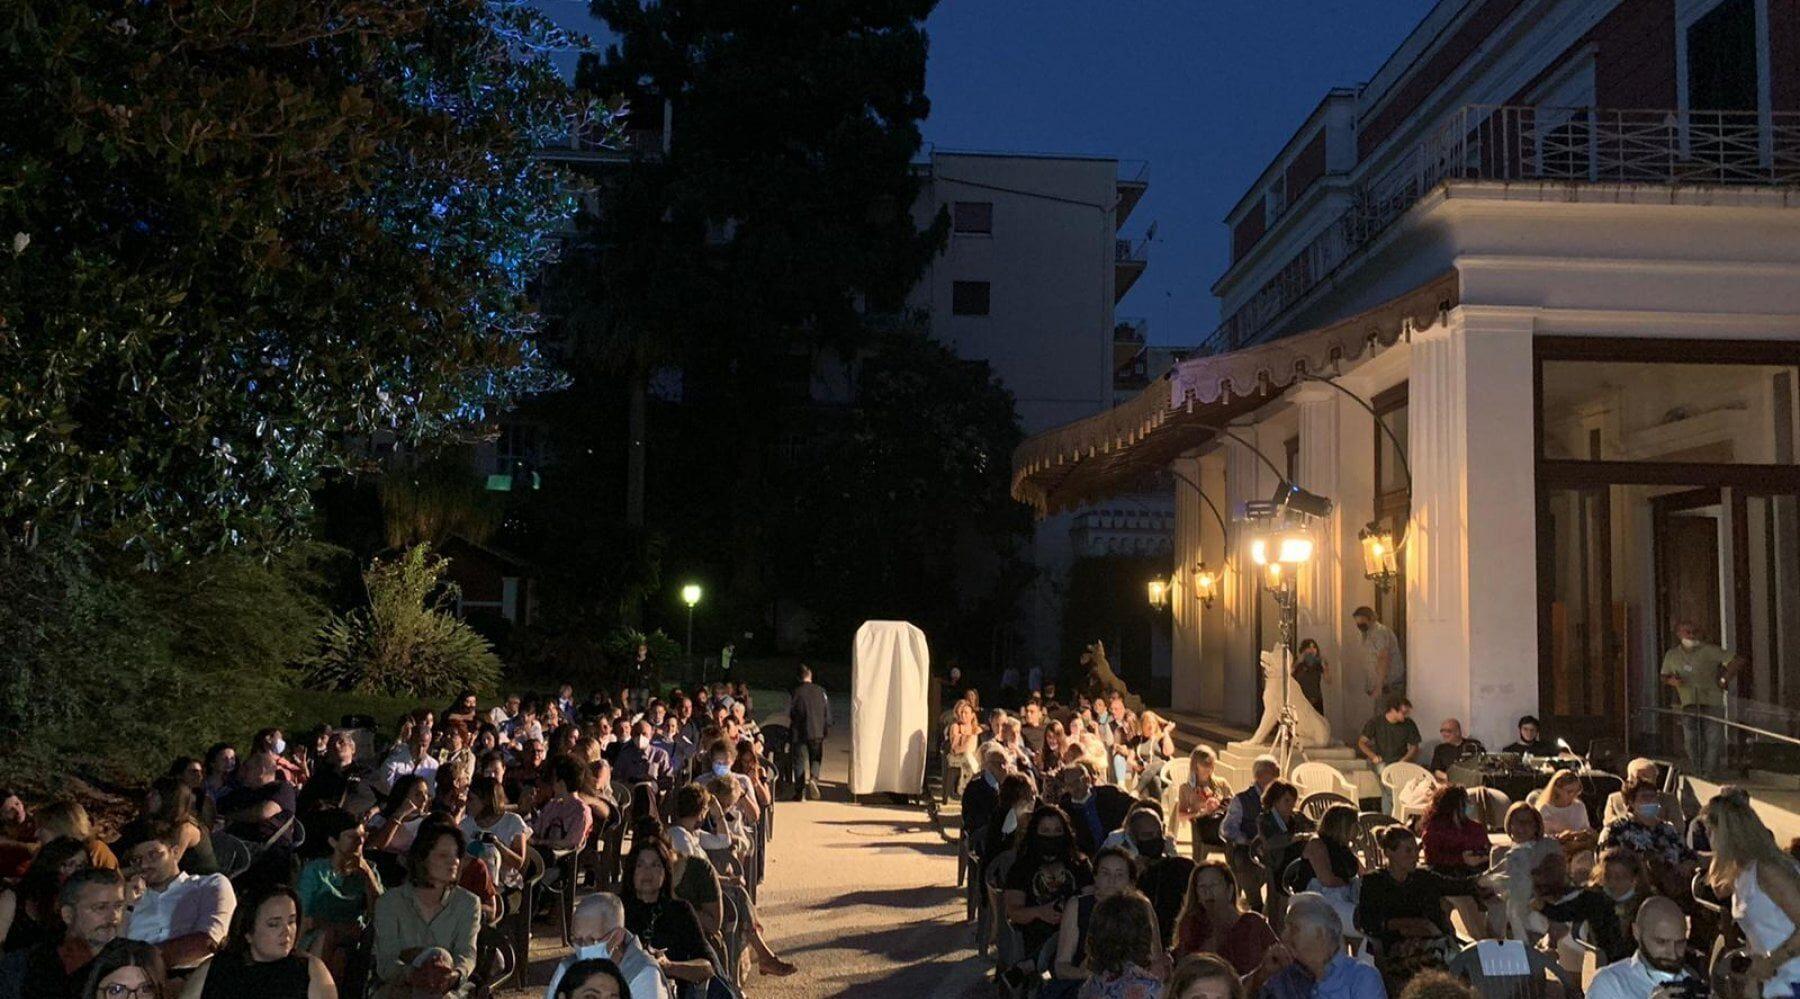 cartel de Doppio Sogno en Villa Pignatelli en Nápoles: cine al aire libre y música bajo las estrellas